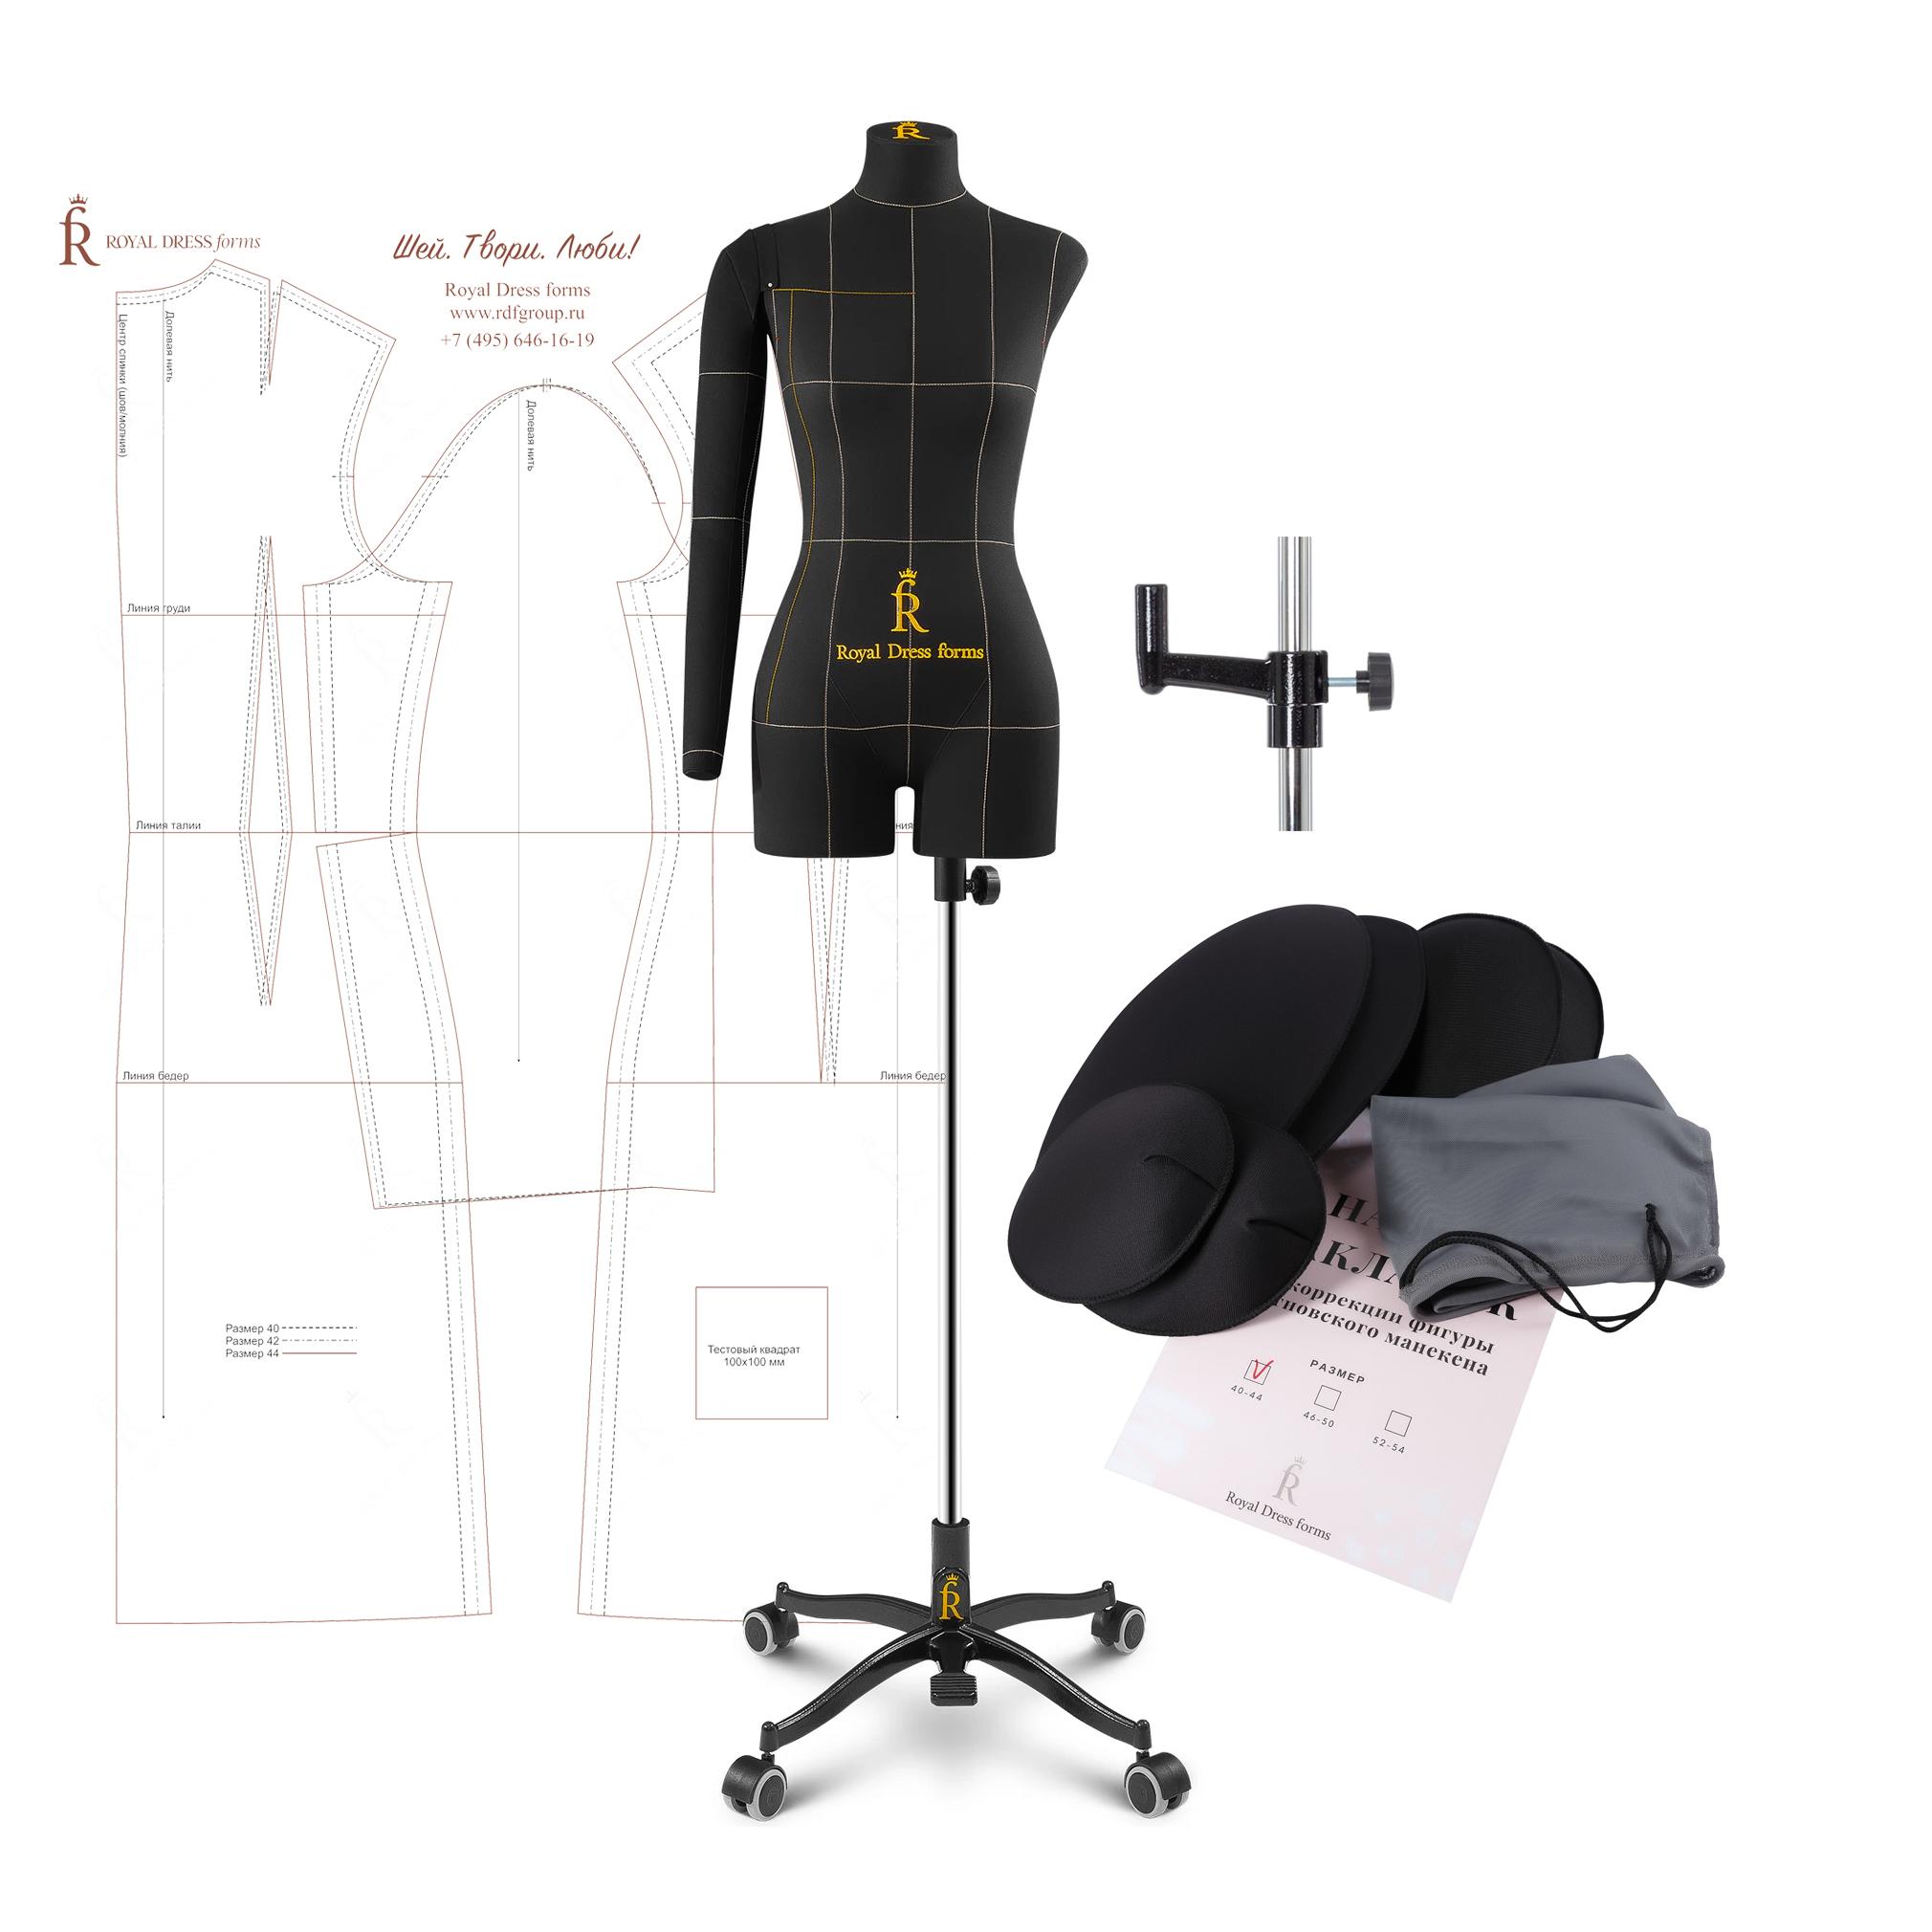 Манекен портновский Моника, комплект Премиум, размер 42, цвет чёрный, в комплекте накладки и правая рука